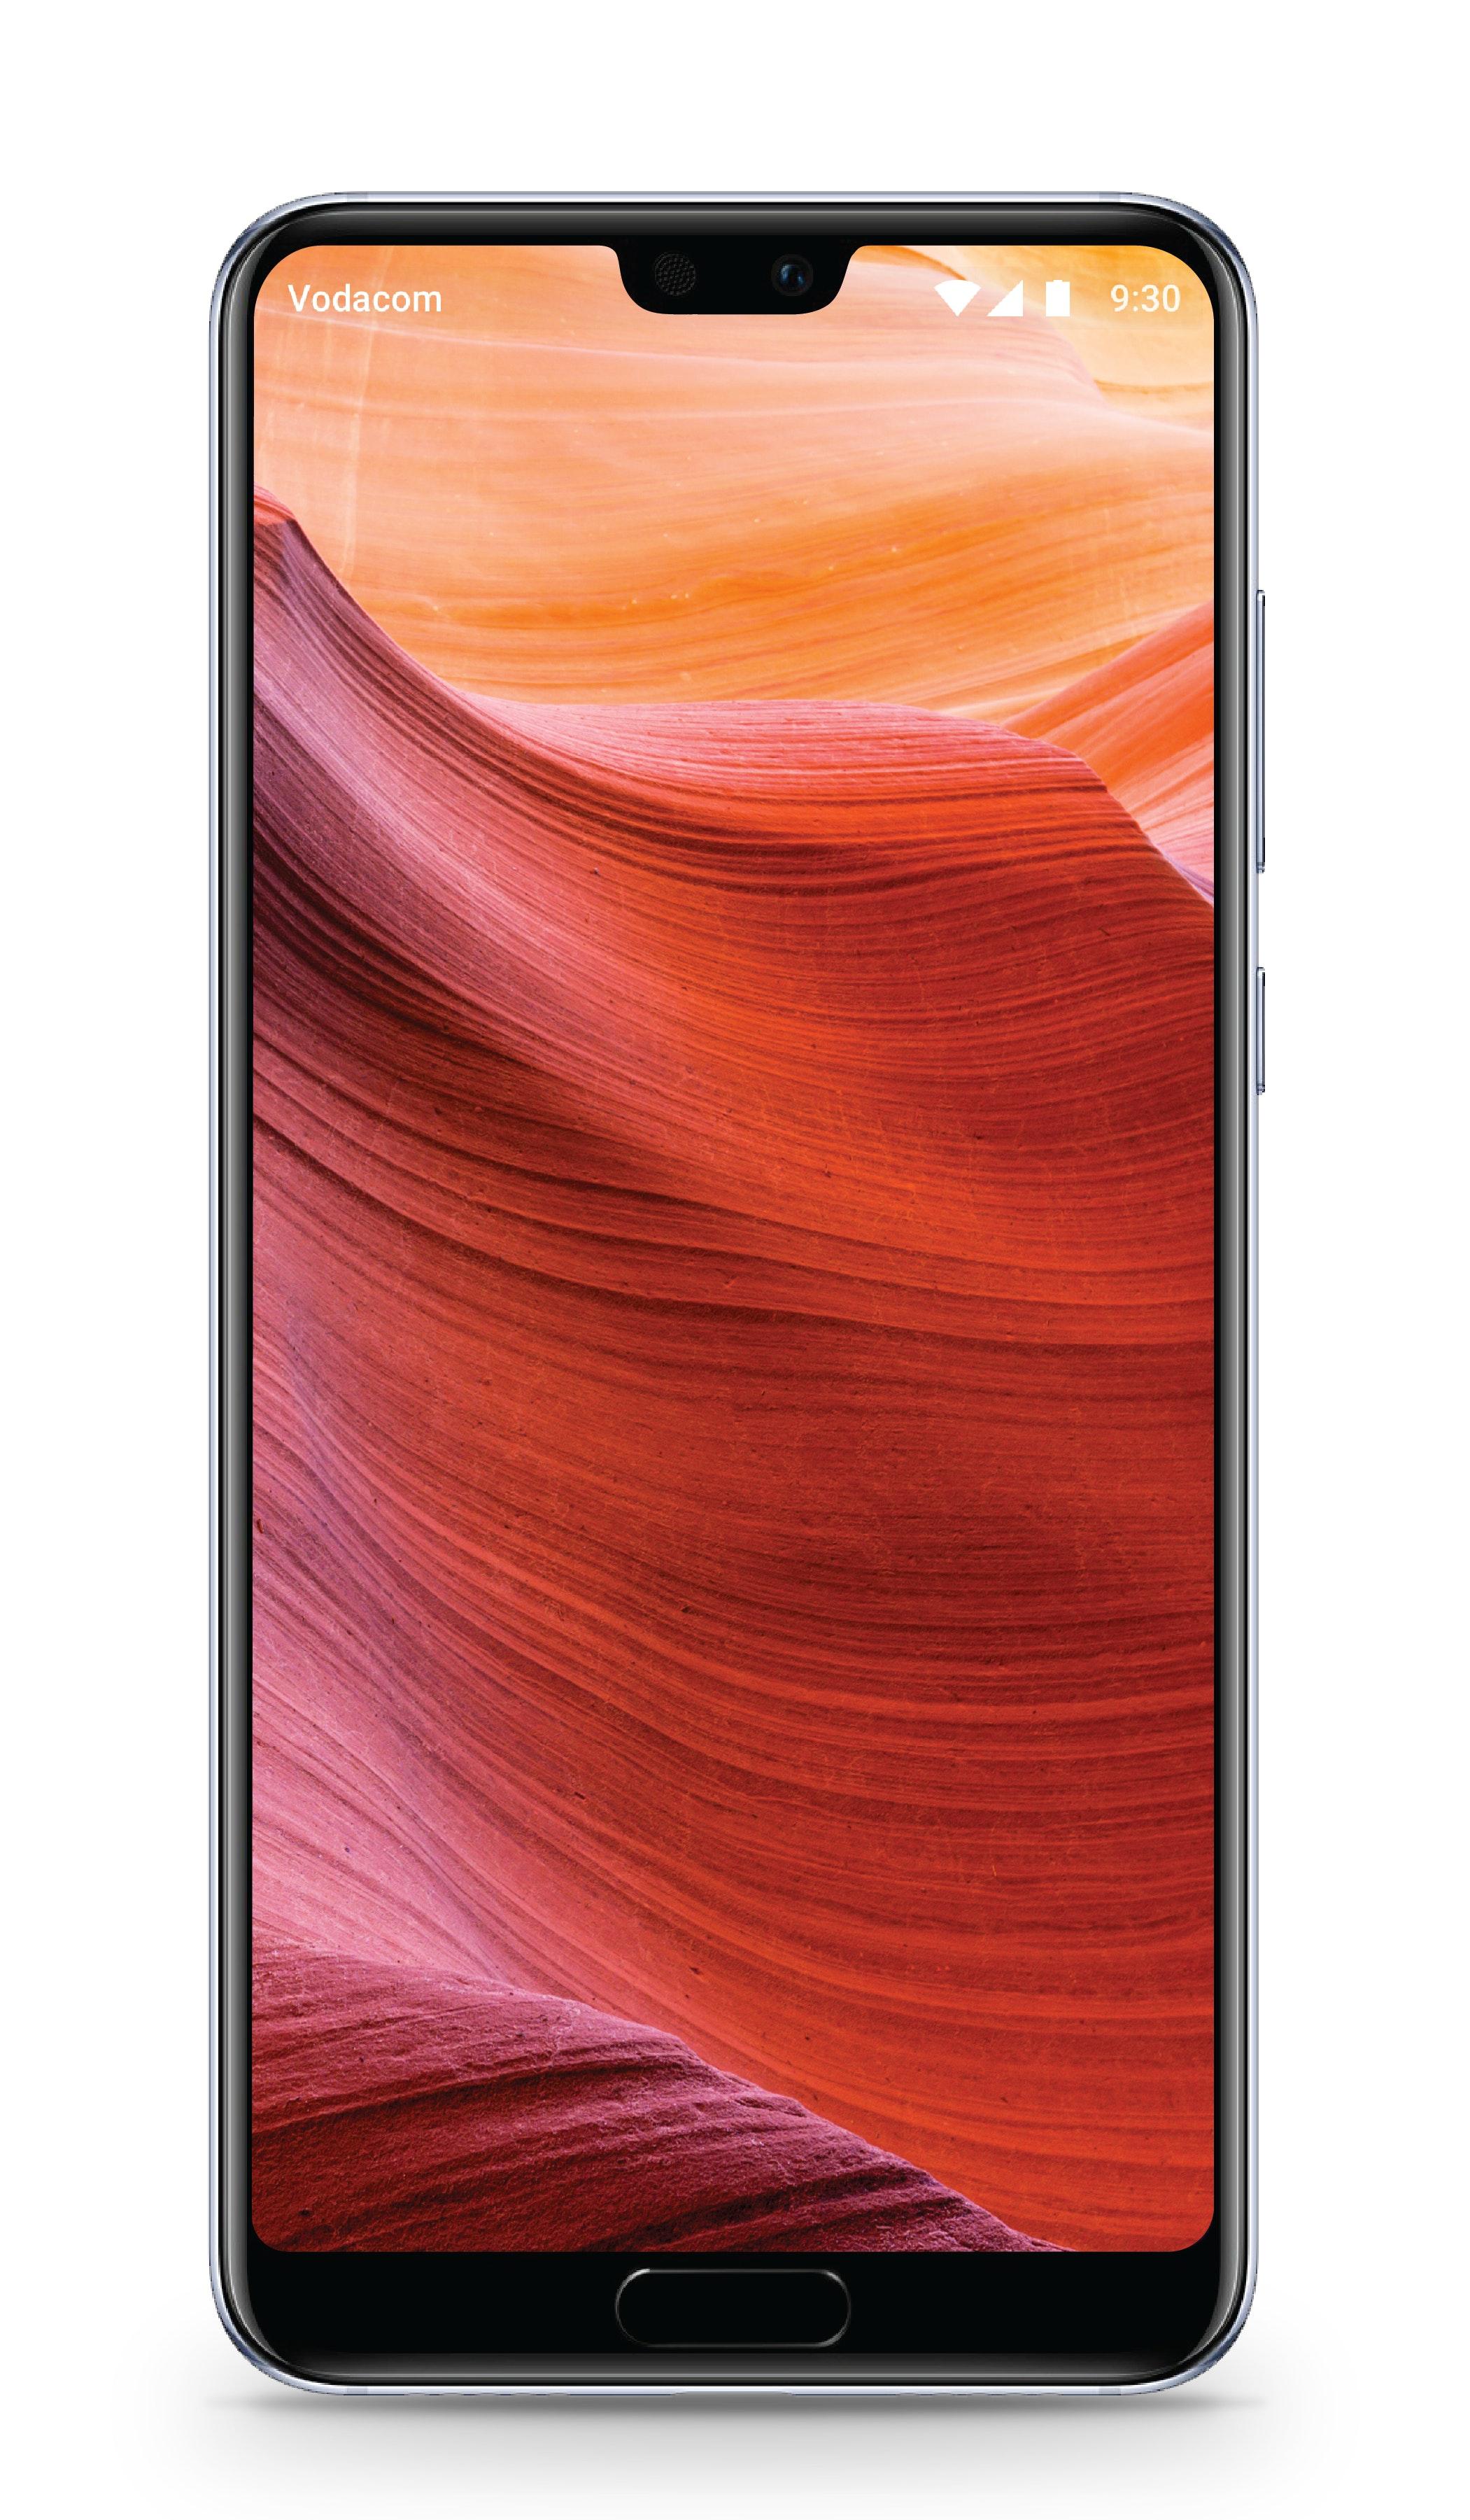 Huawei P20 Pro image